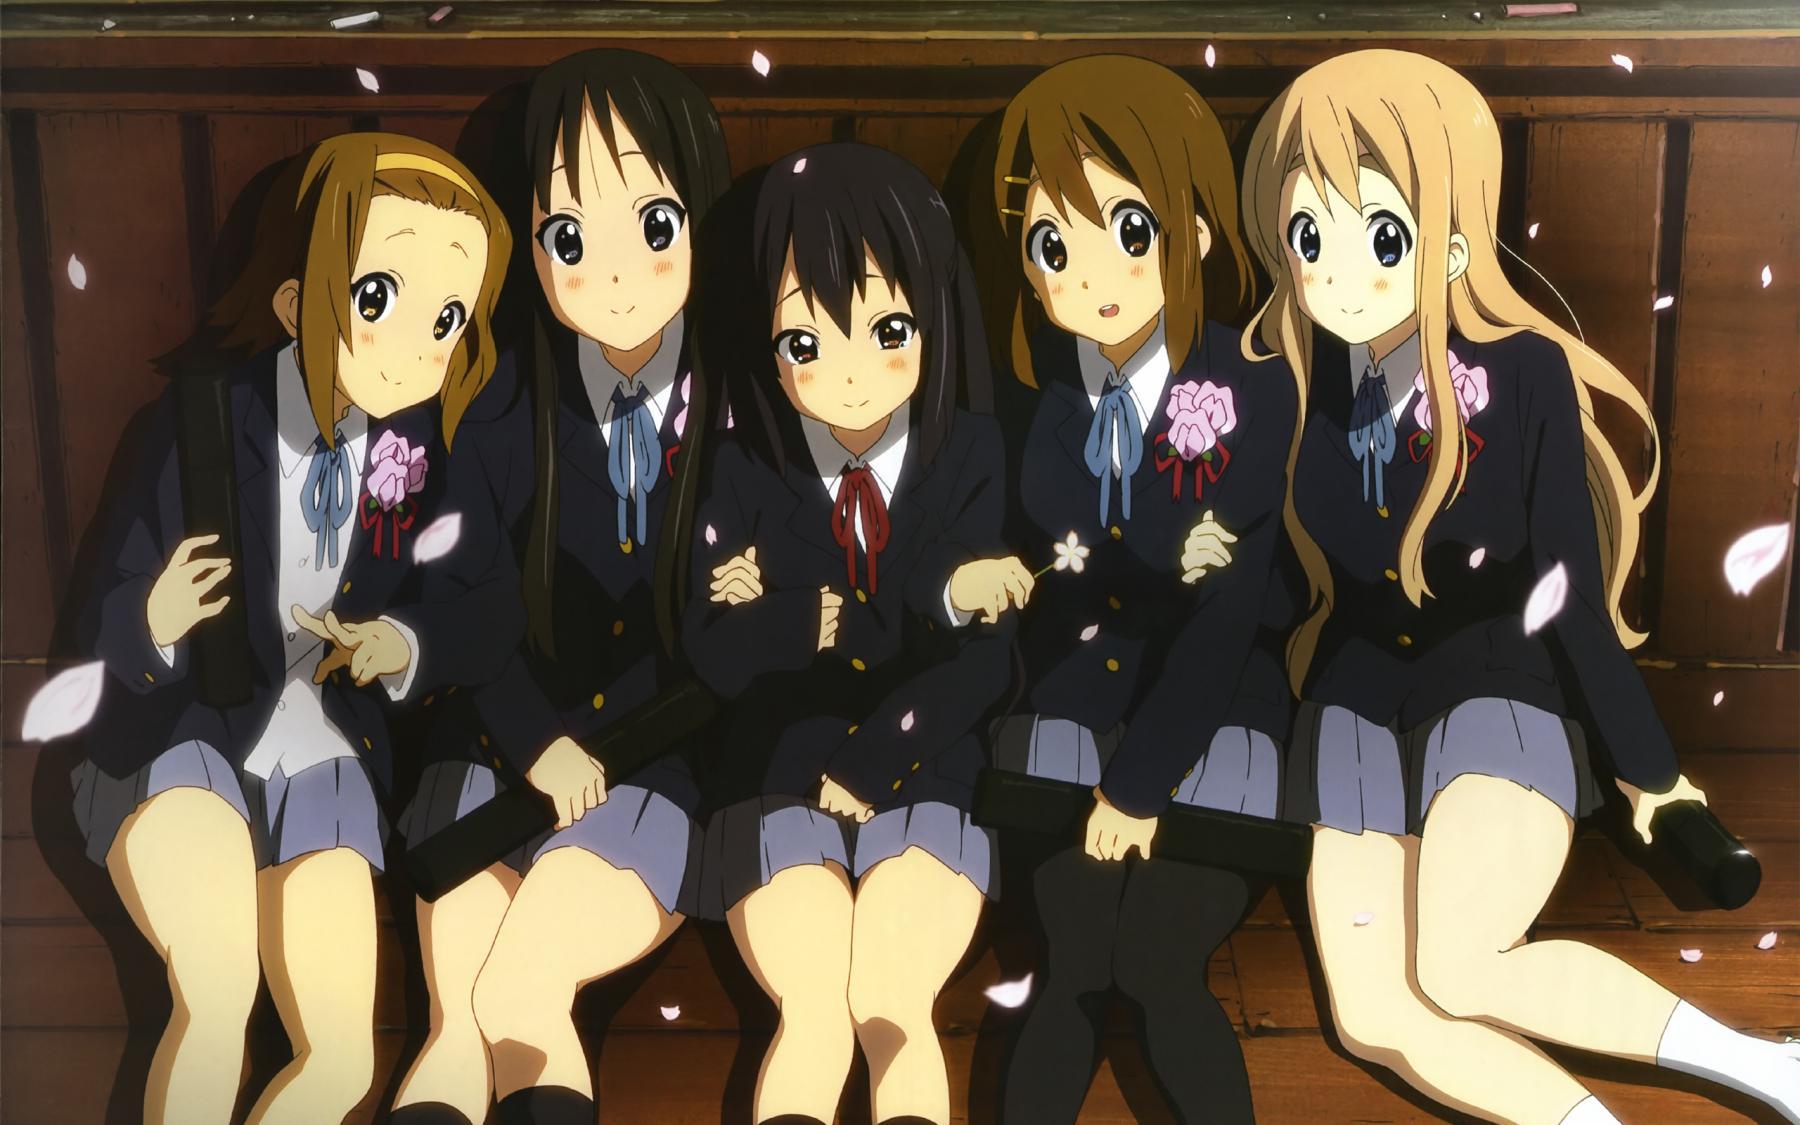 http://blog-imgs-45.fc2.com/a/n/k/ankosokuho/201101102251244bb.jpg